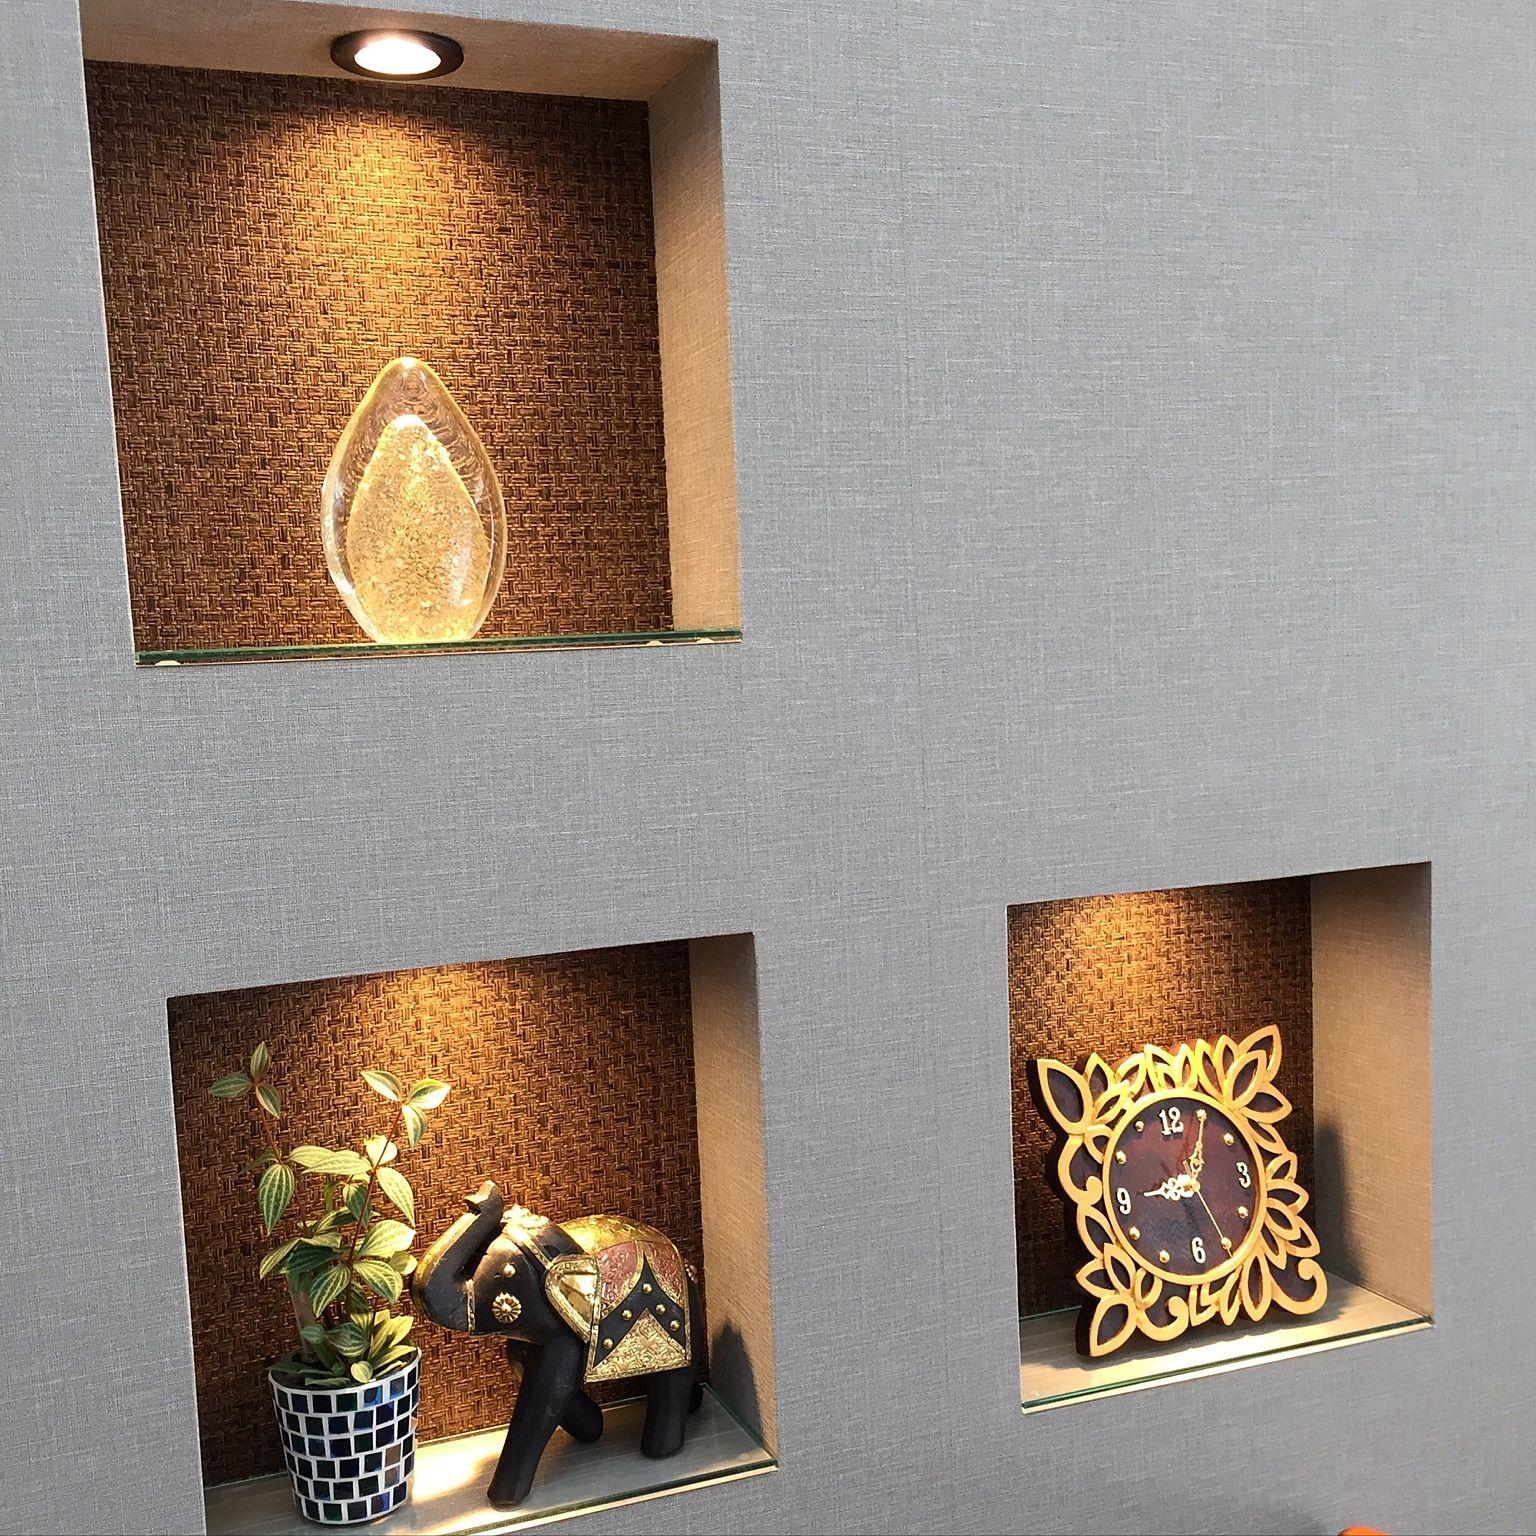 棚 Sangetsu 壁紙 ニッチ棚 ニッチ などのインテリア実例 16 09 12 09 21 24 Roomclip ルームクリップ インテリア インテリア アジアン ホテルライク インテリア